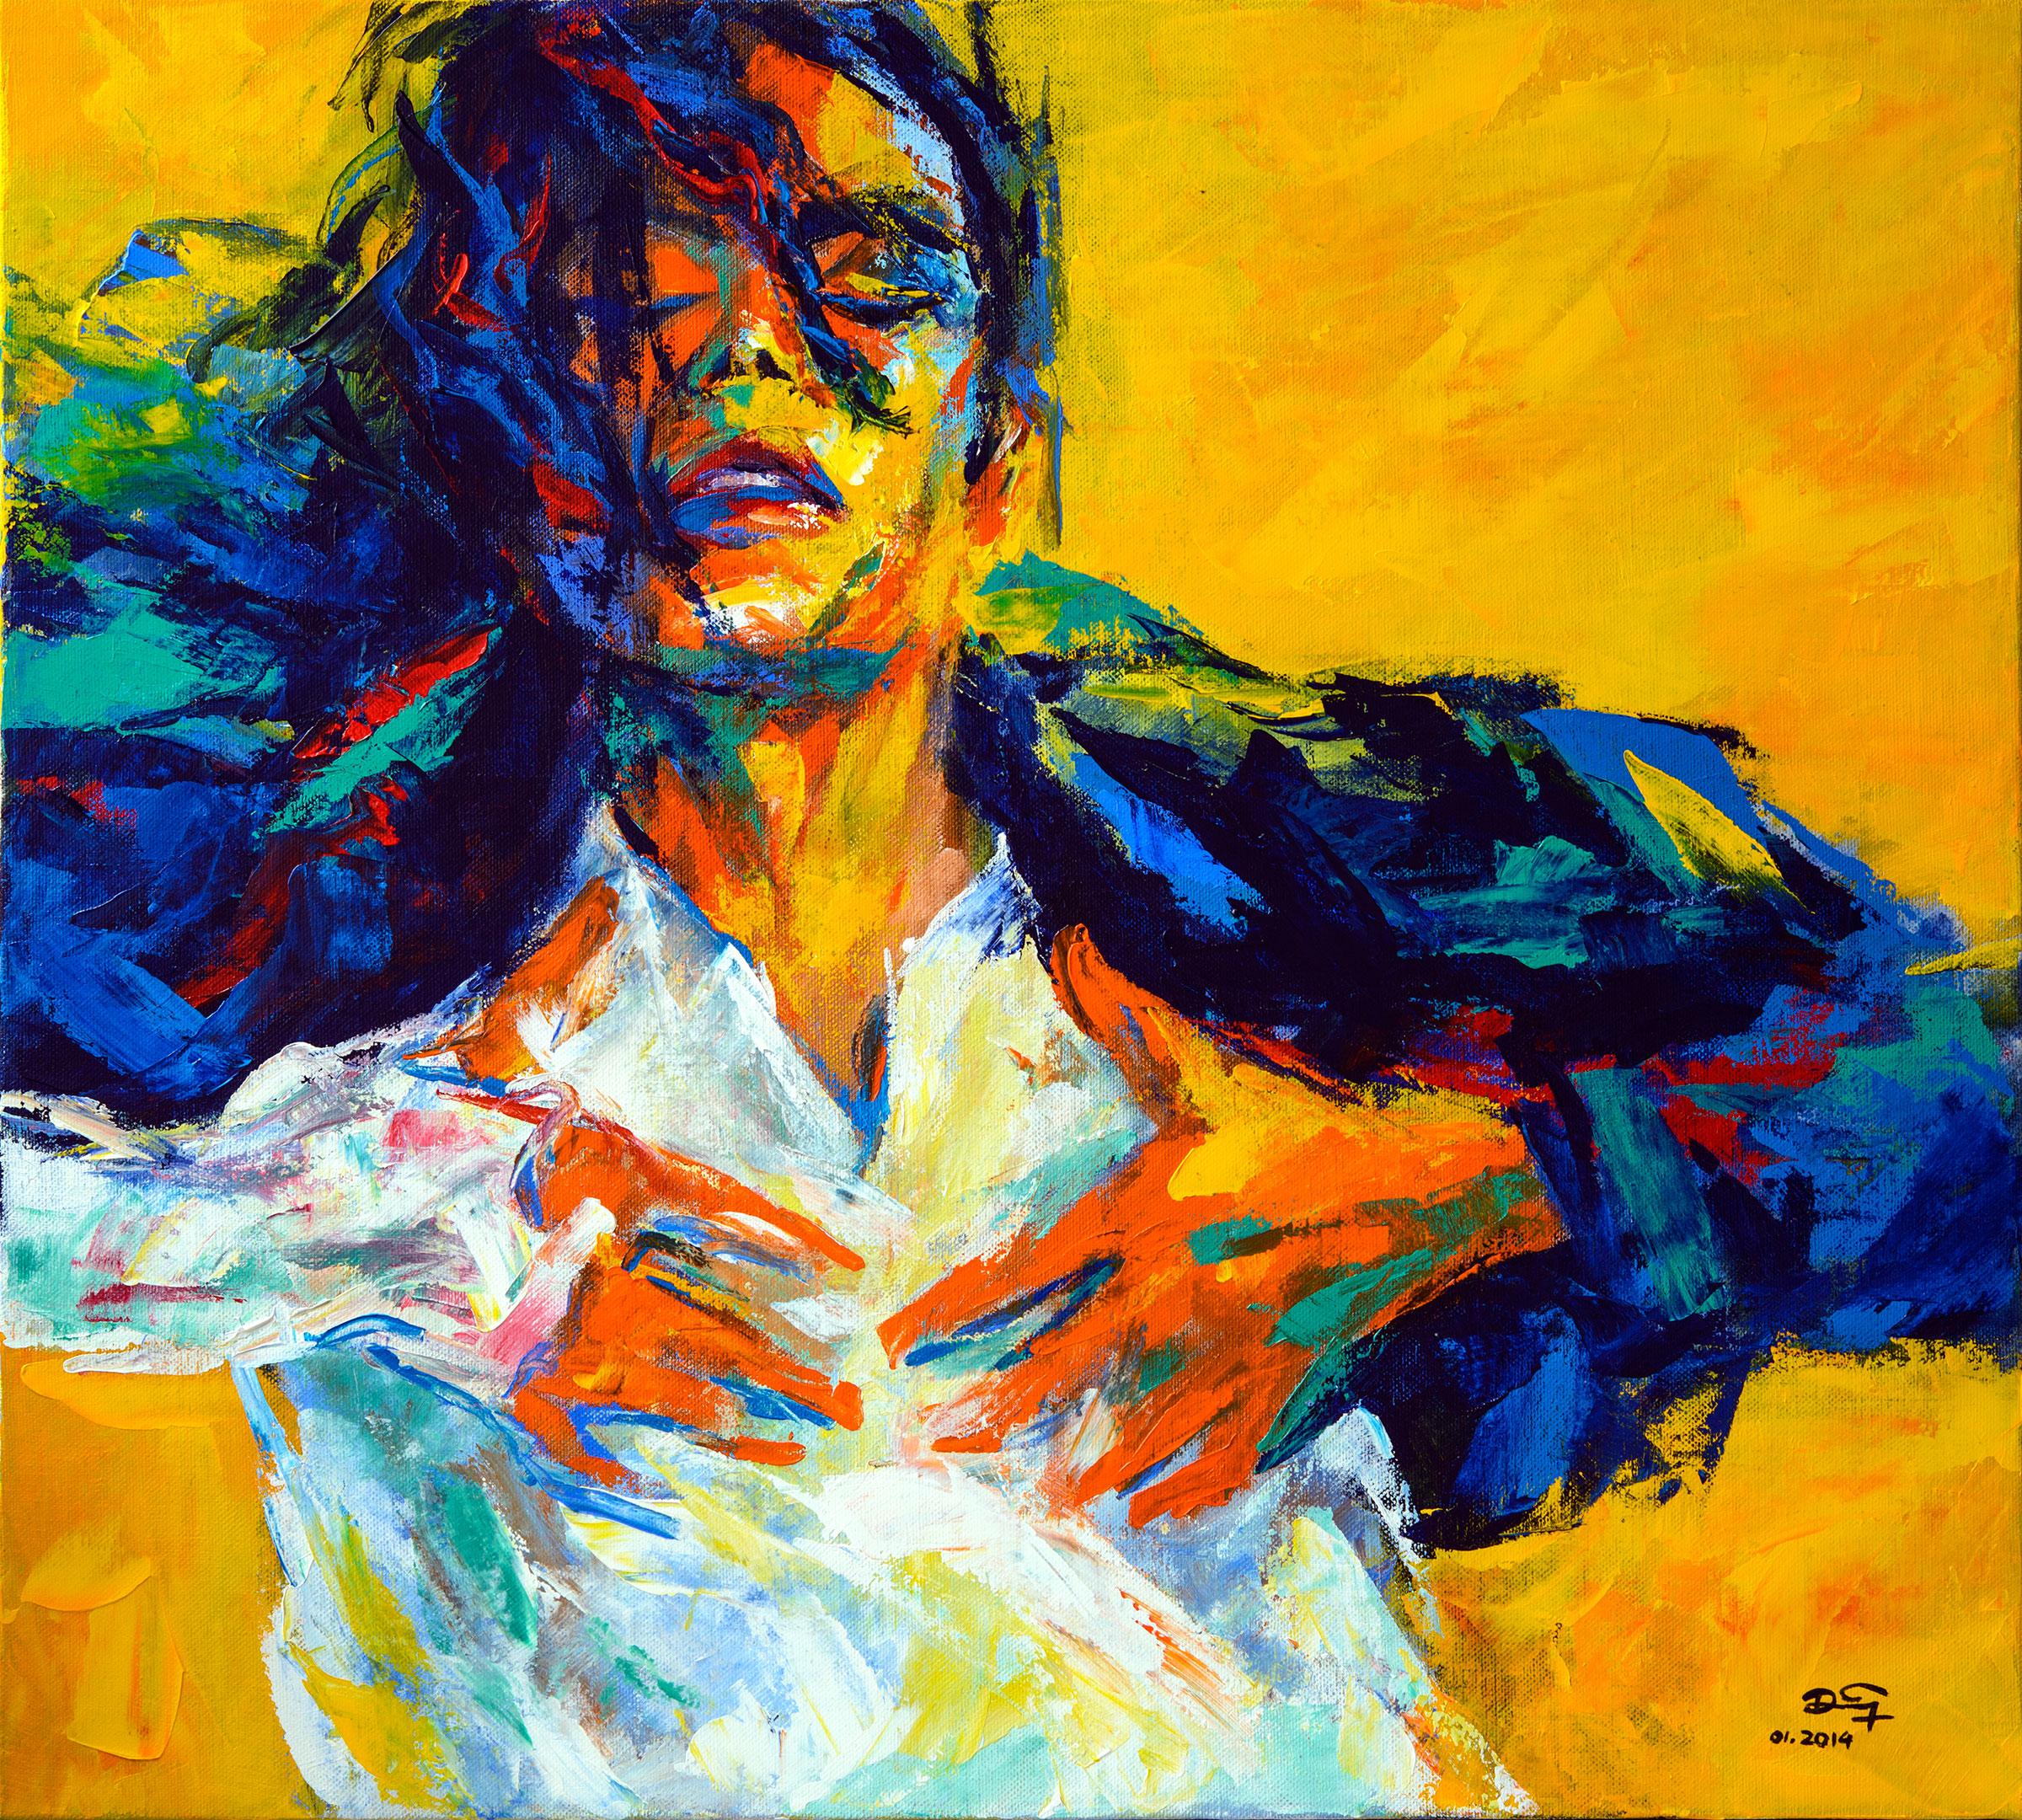 Michael Modo Artistico - Pagina 4 Mj08